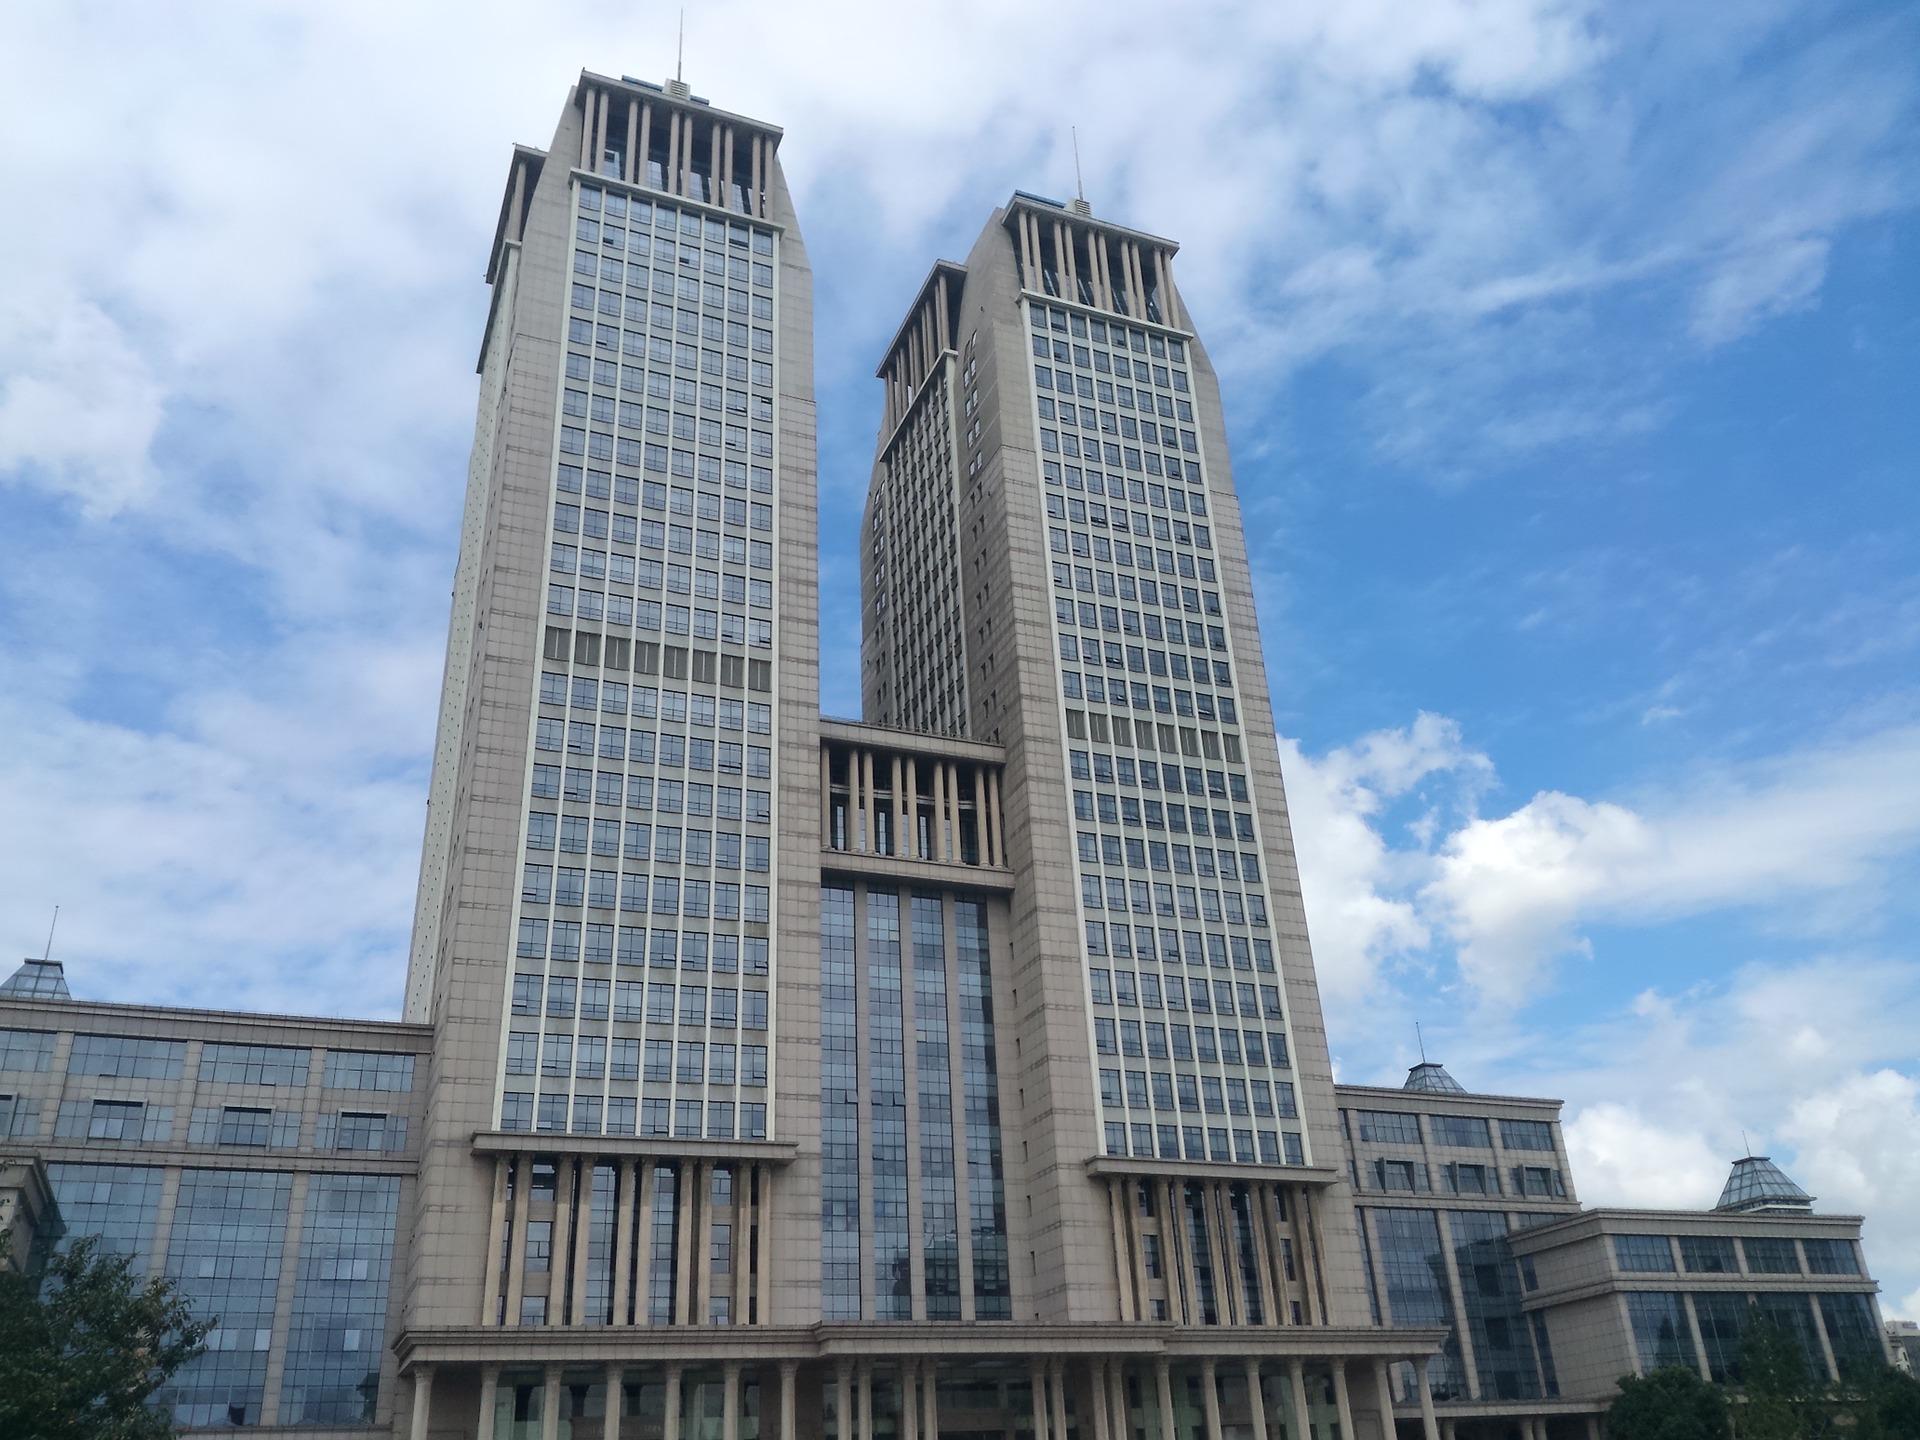 fudan-university-1160080_1920.jpg